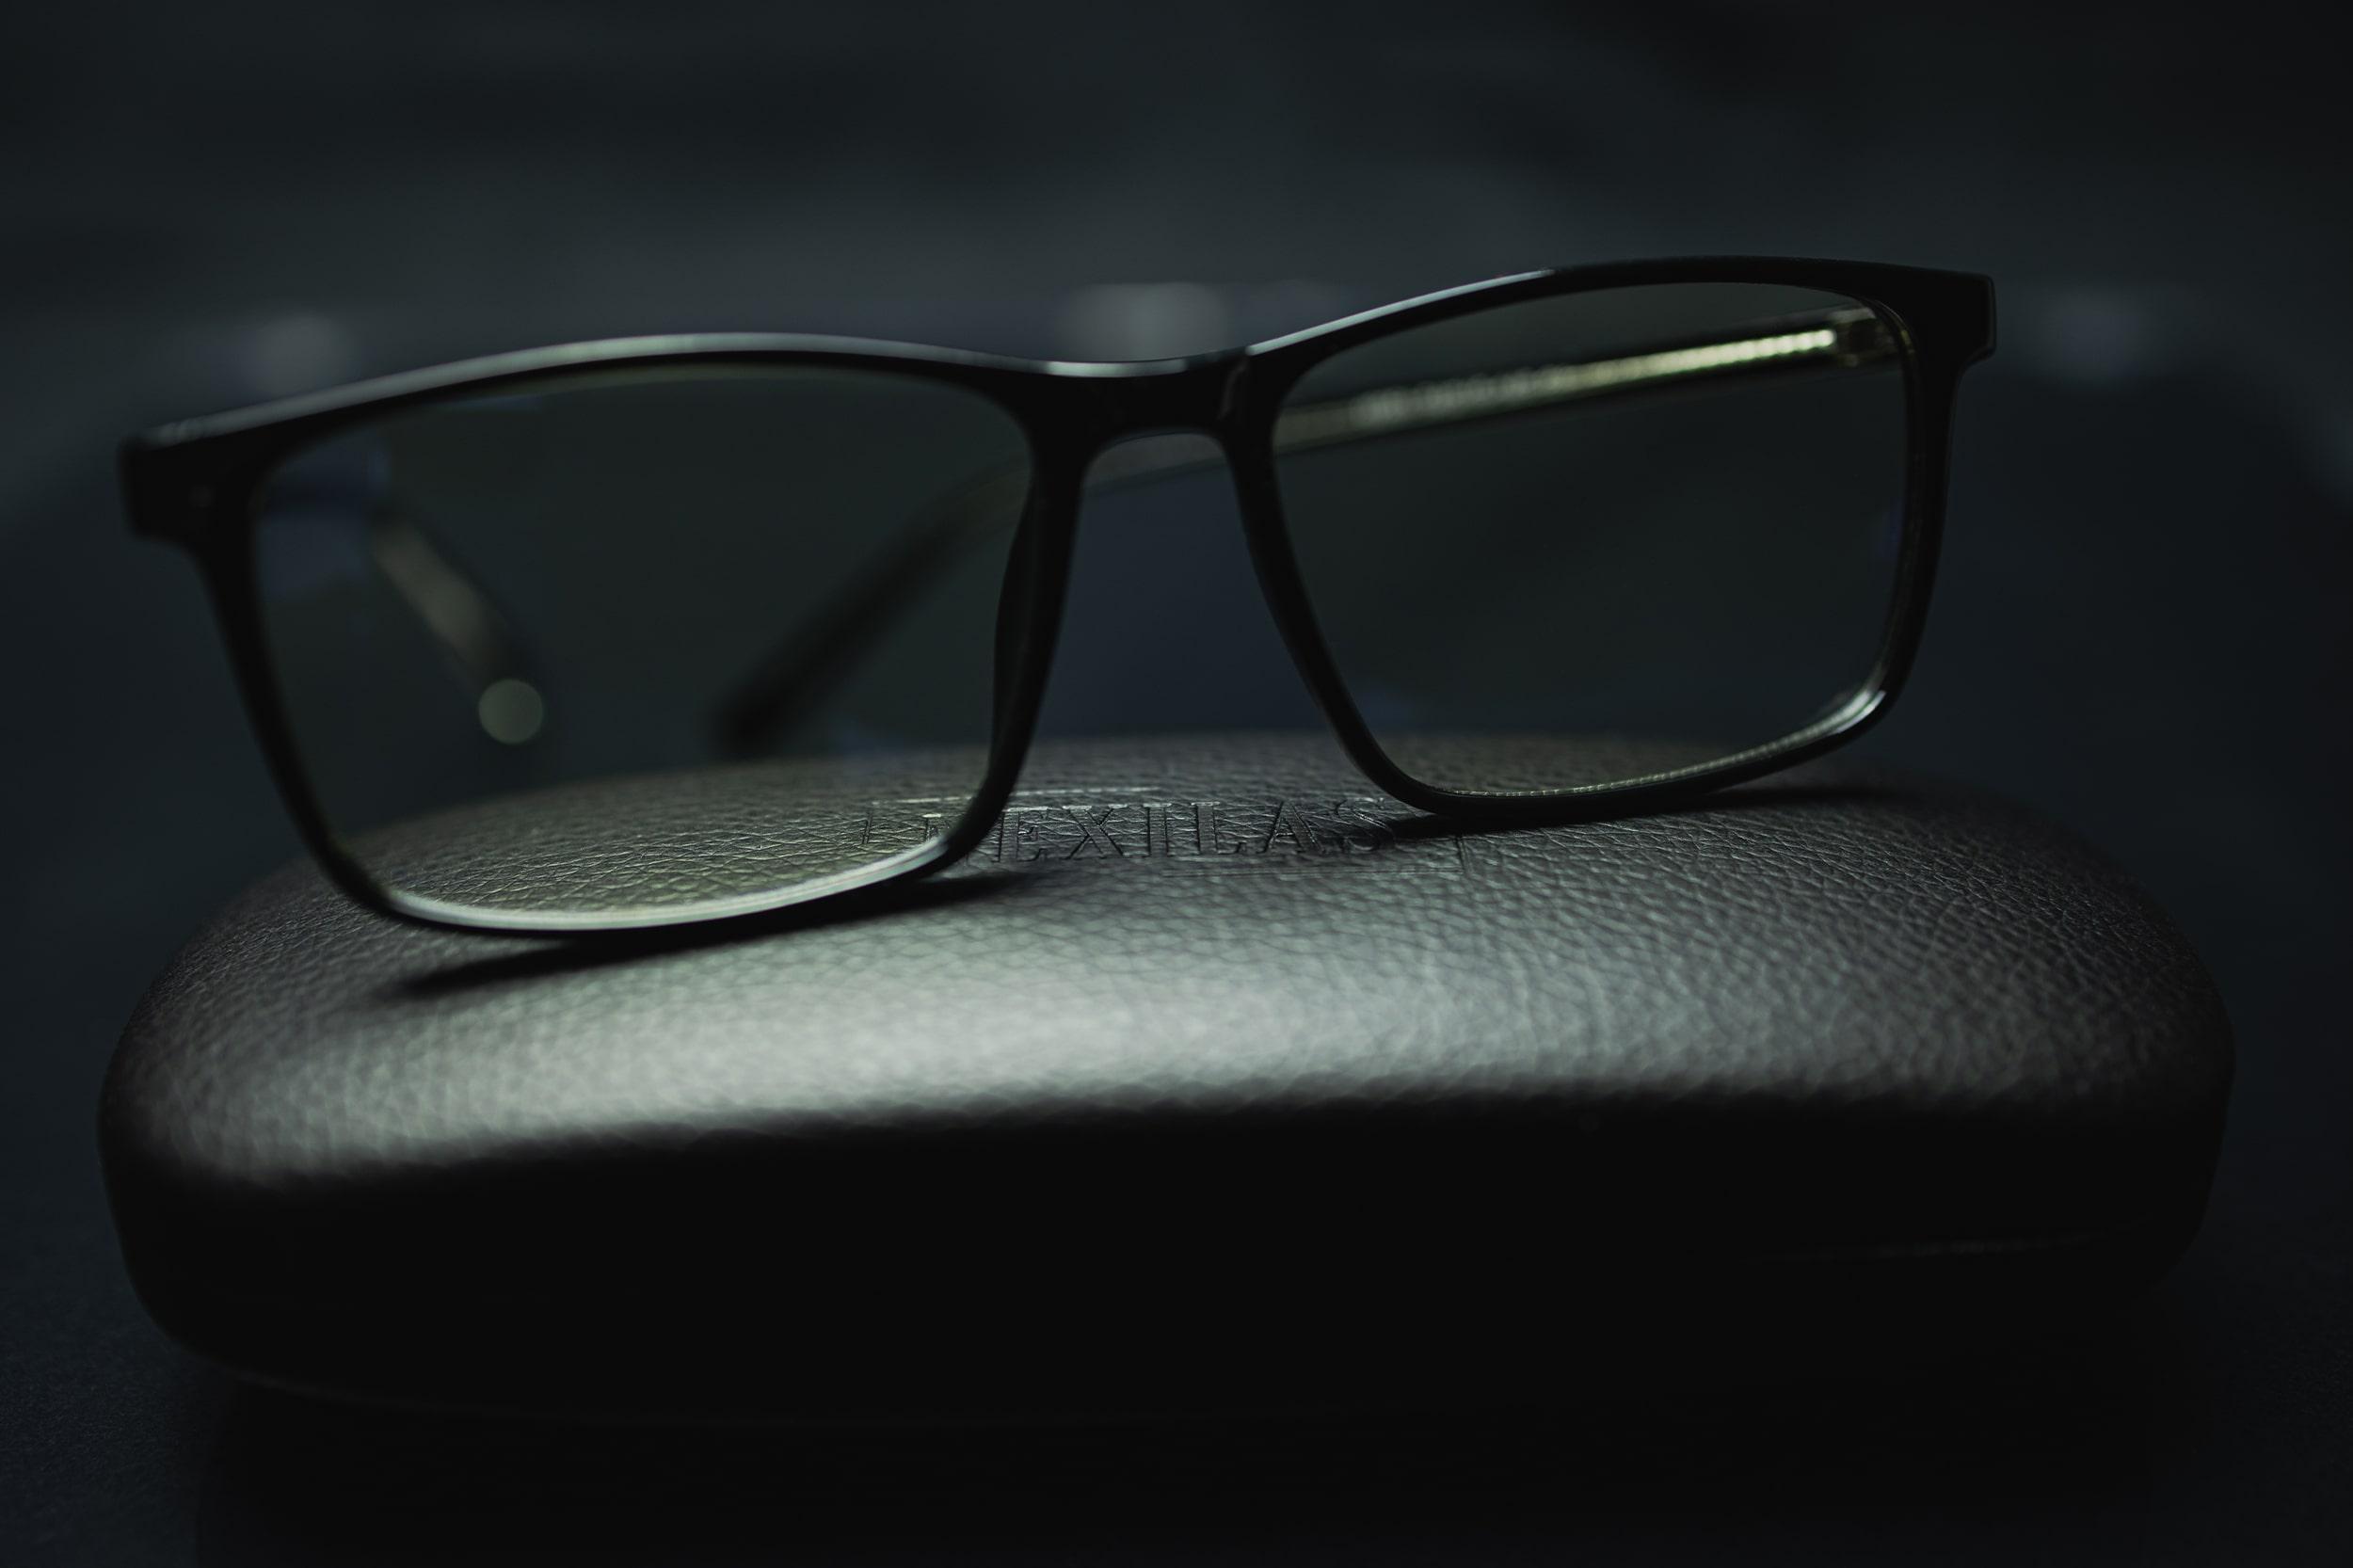 Lunettes anti-lumière bleue protection optimale filtre de protection écran anti fatigue lunette de repos